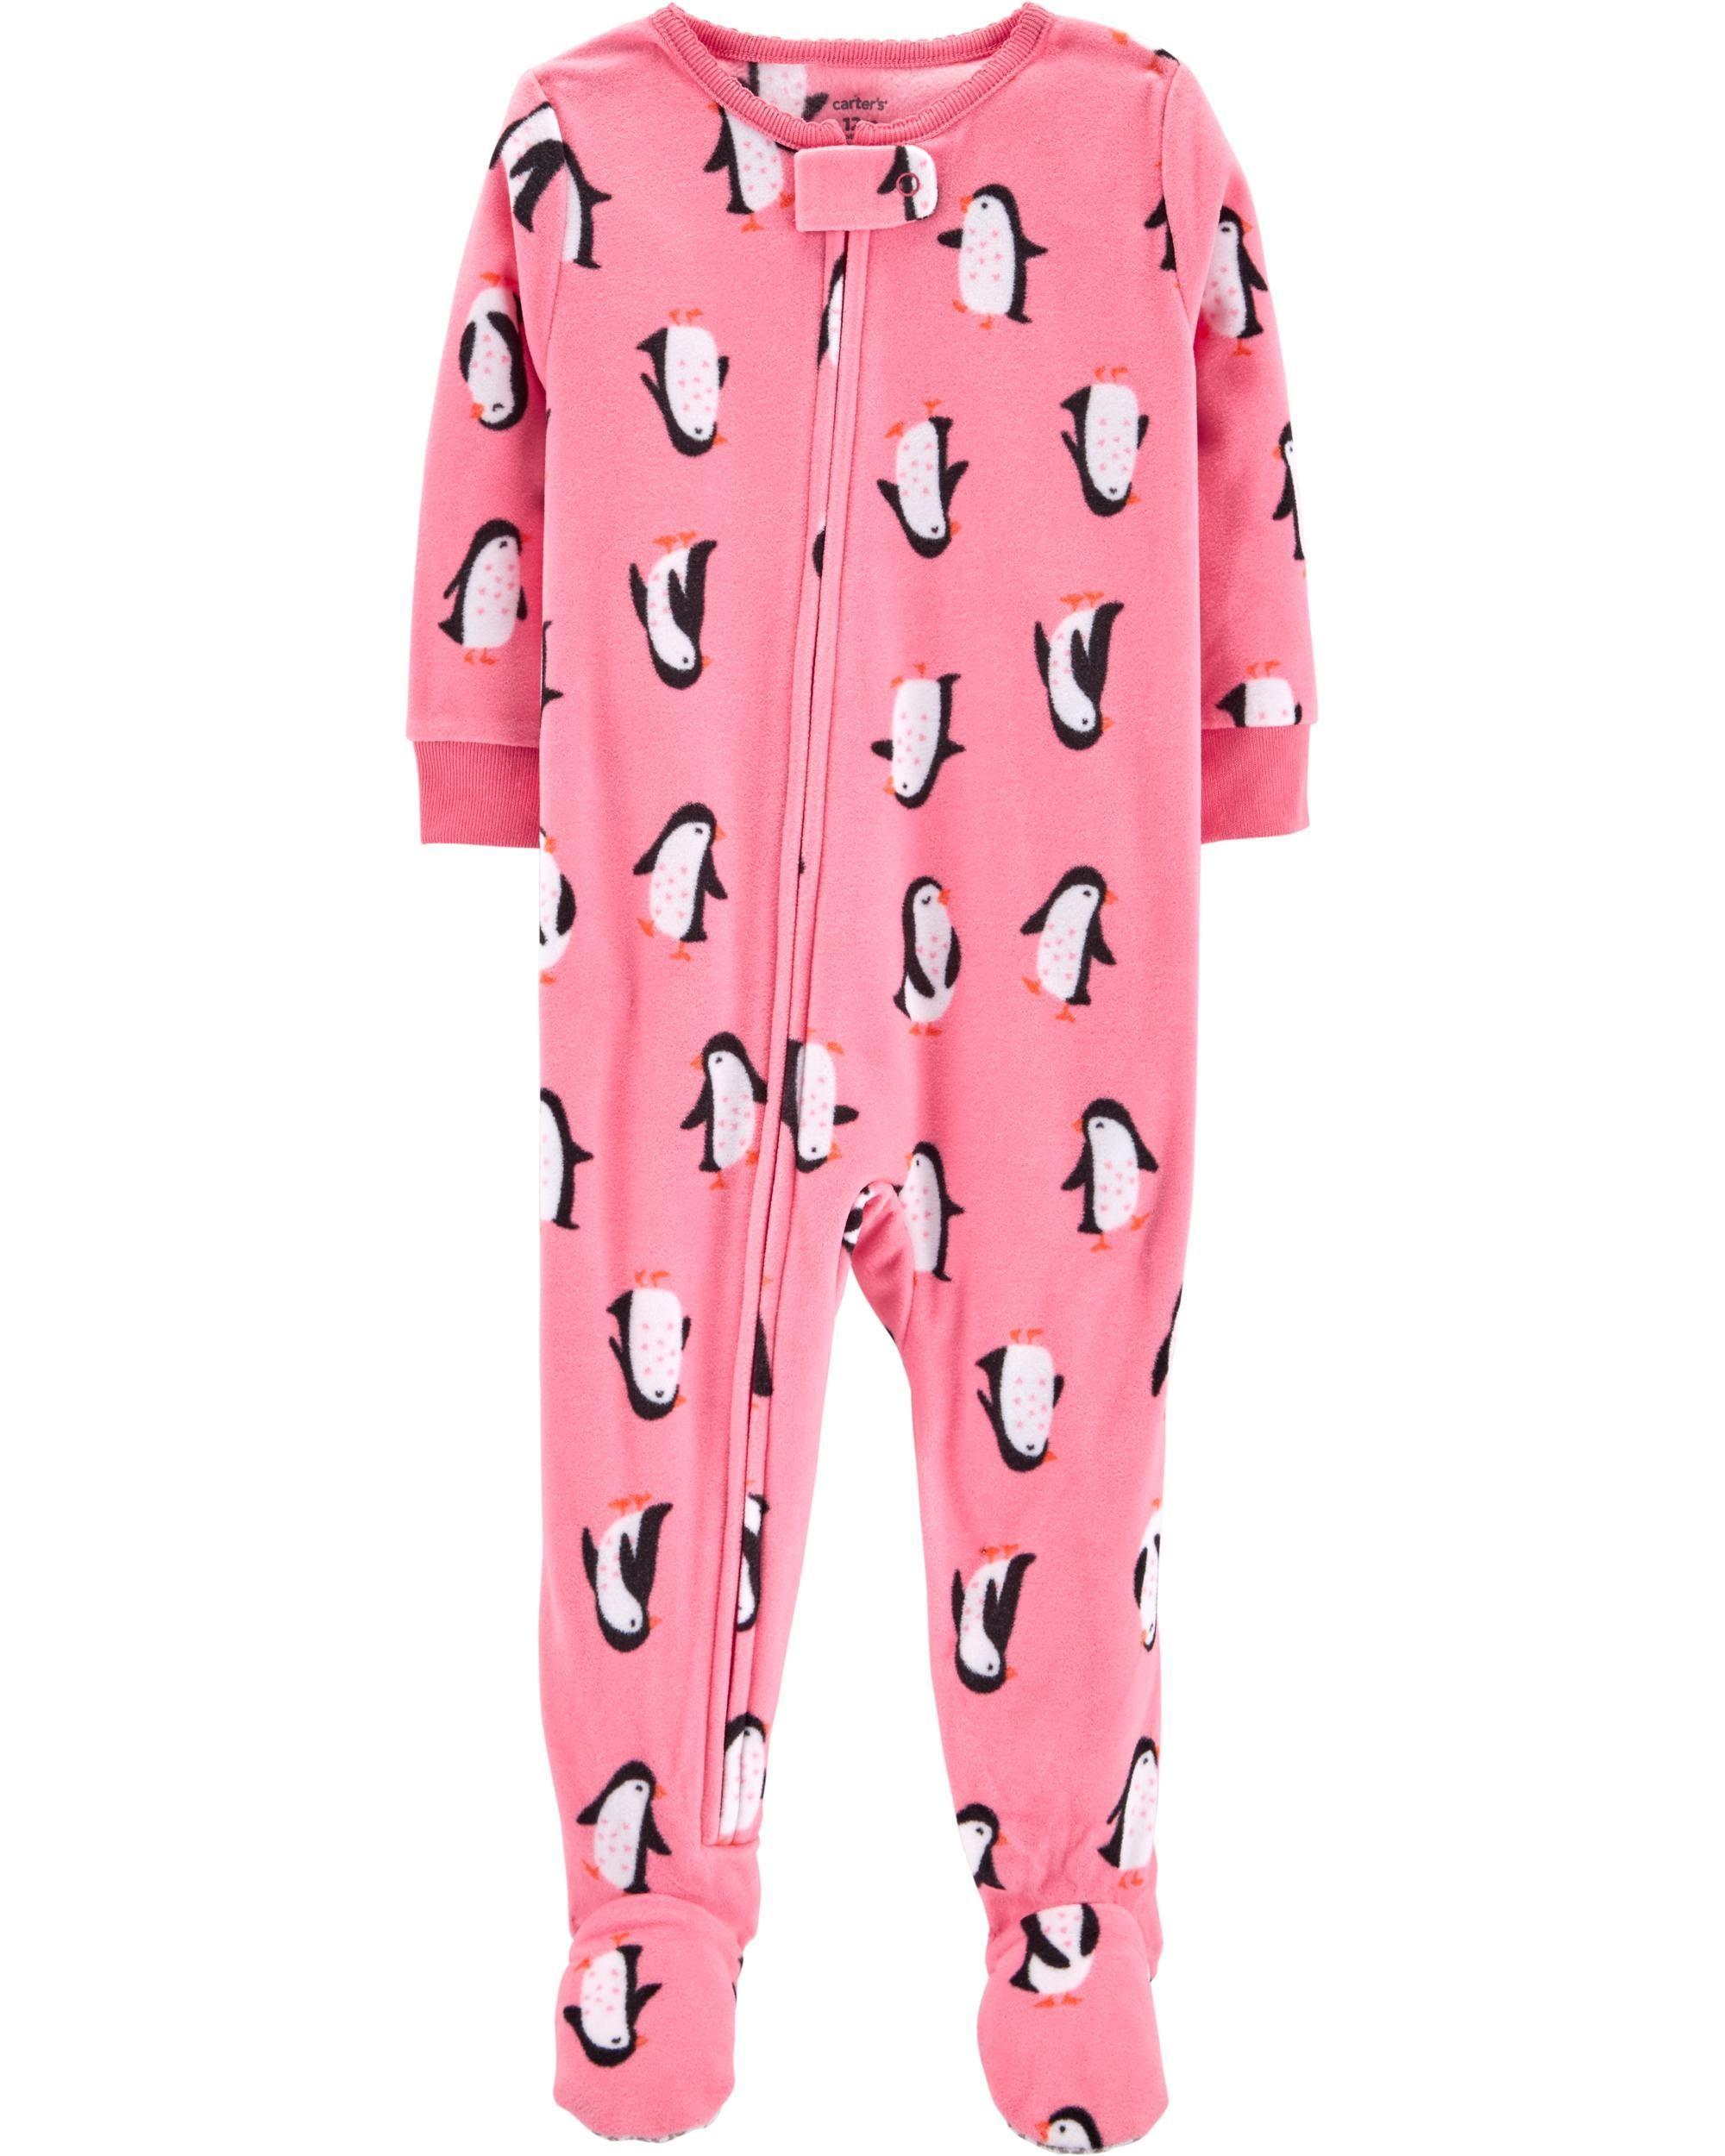 864f77795 Baby Girl 1-Piece Penguins Fleece PJs